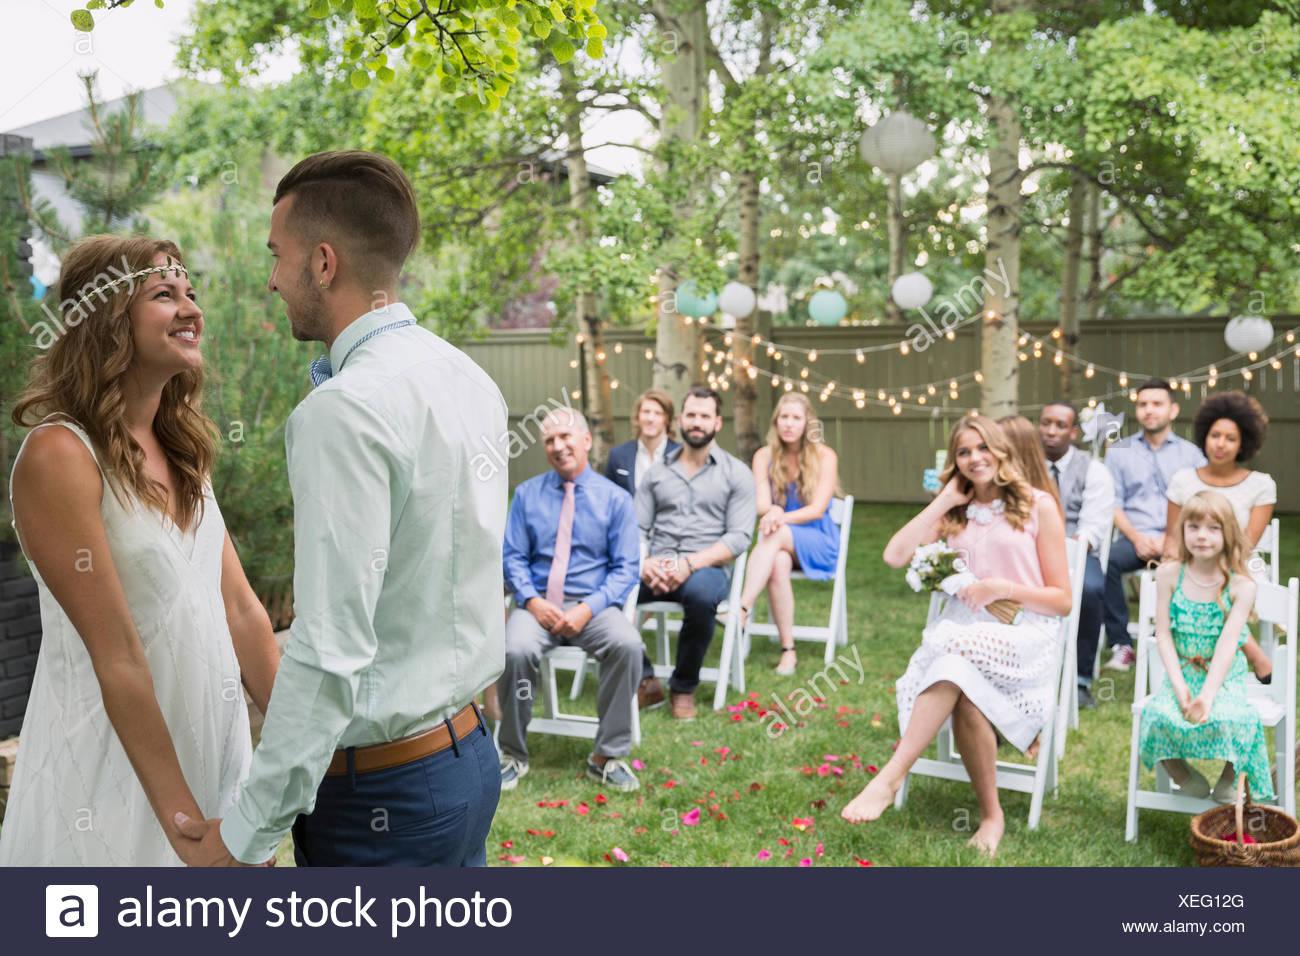 Wedding guests watching bride and groom backyard wedding - Stock Image